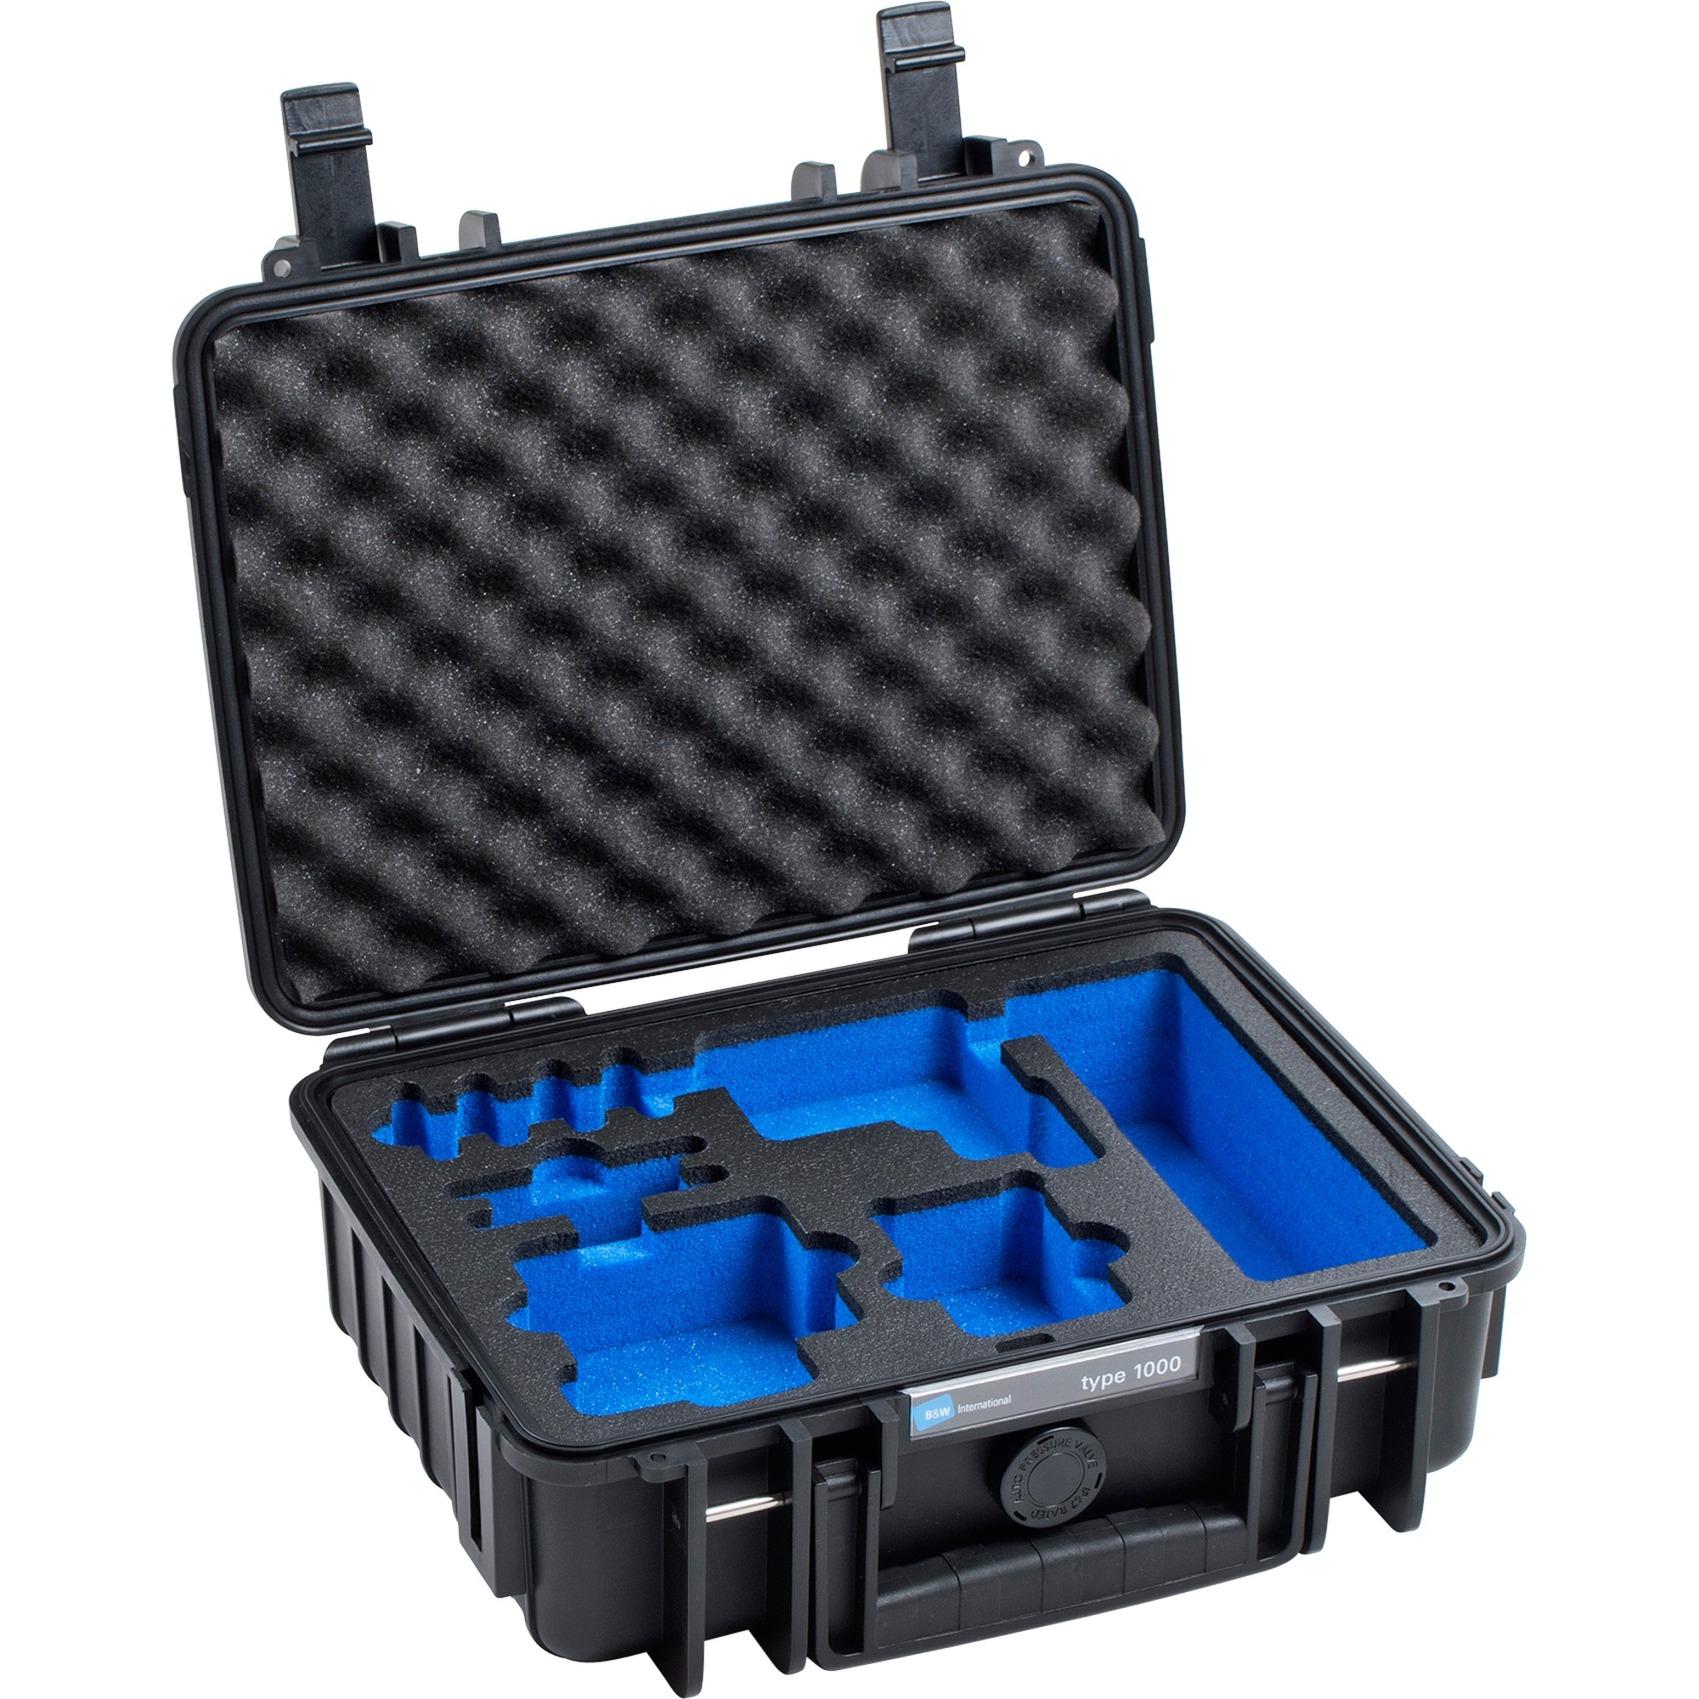 1000/B/GOPRO5 Boîtier rigide Noir étui et housse d'appareils photo, Valise